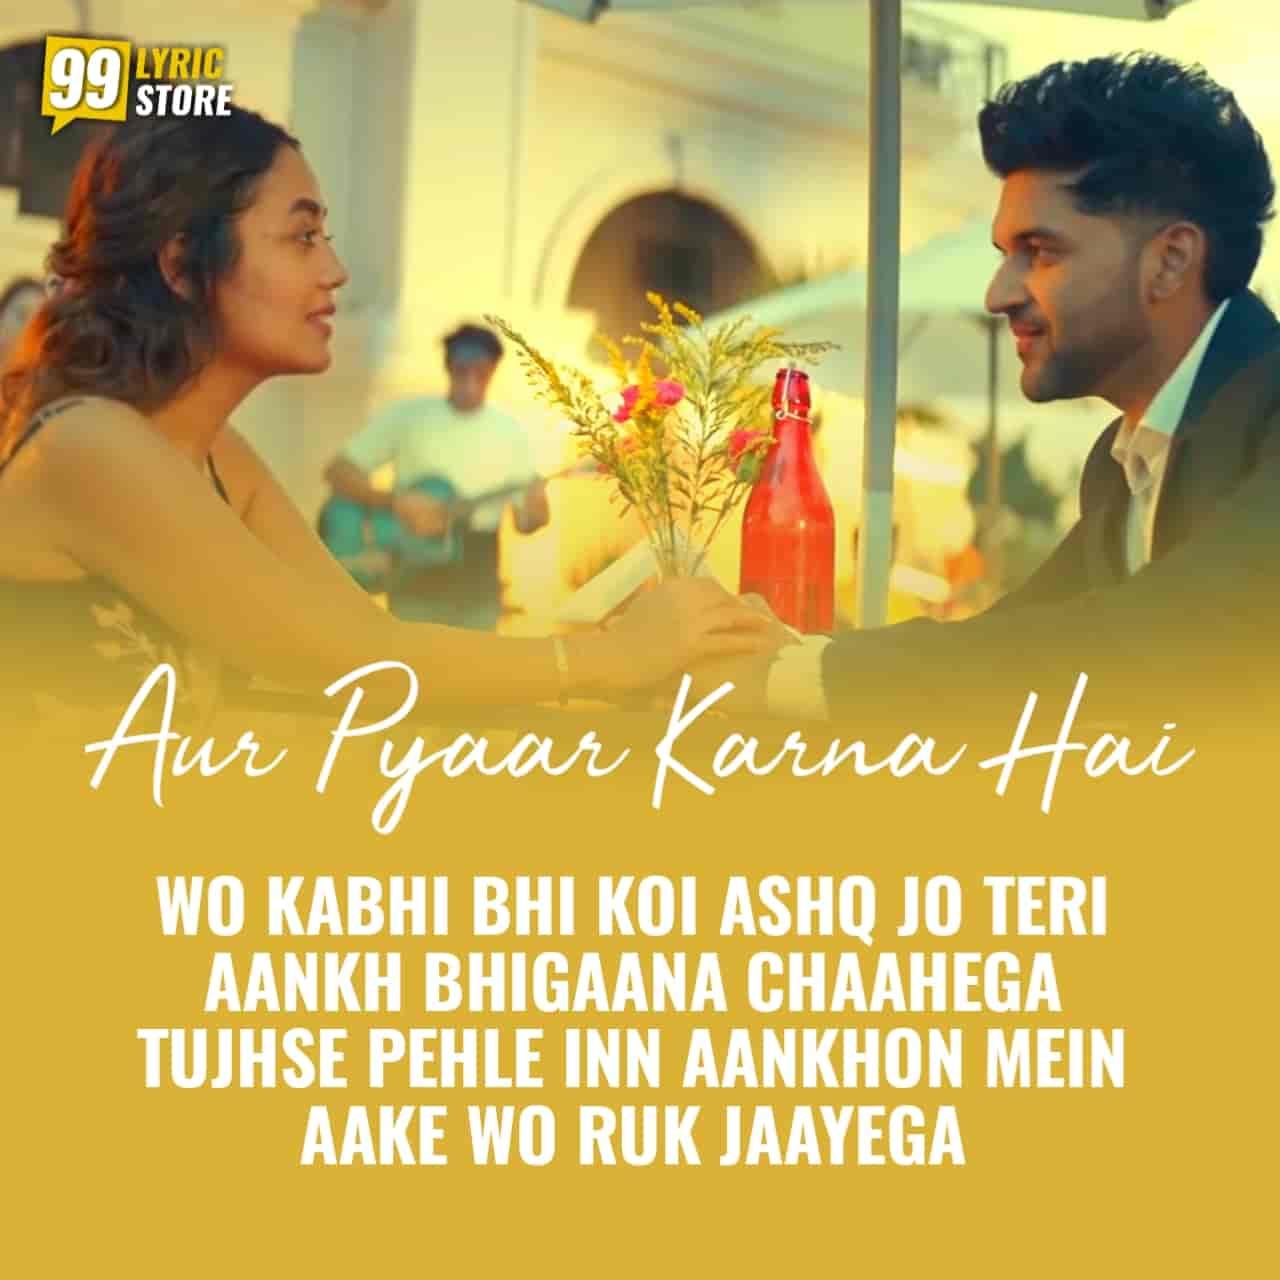 Aur Pyaar karna hai song lyrics sung by neha Kakkar and guru Randhawa, and lyrics penned by sayeed quadri.